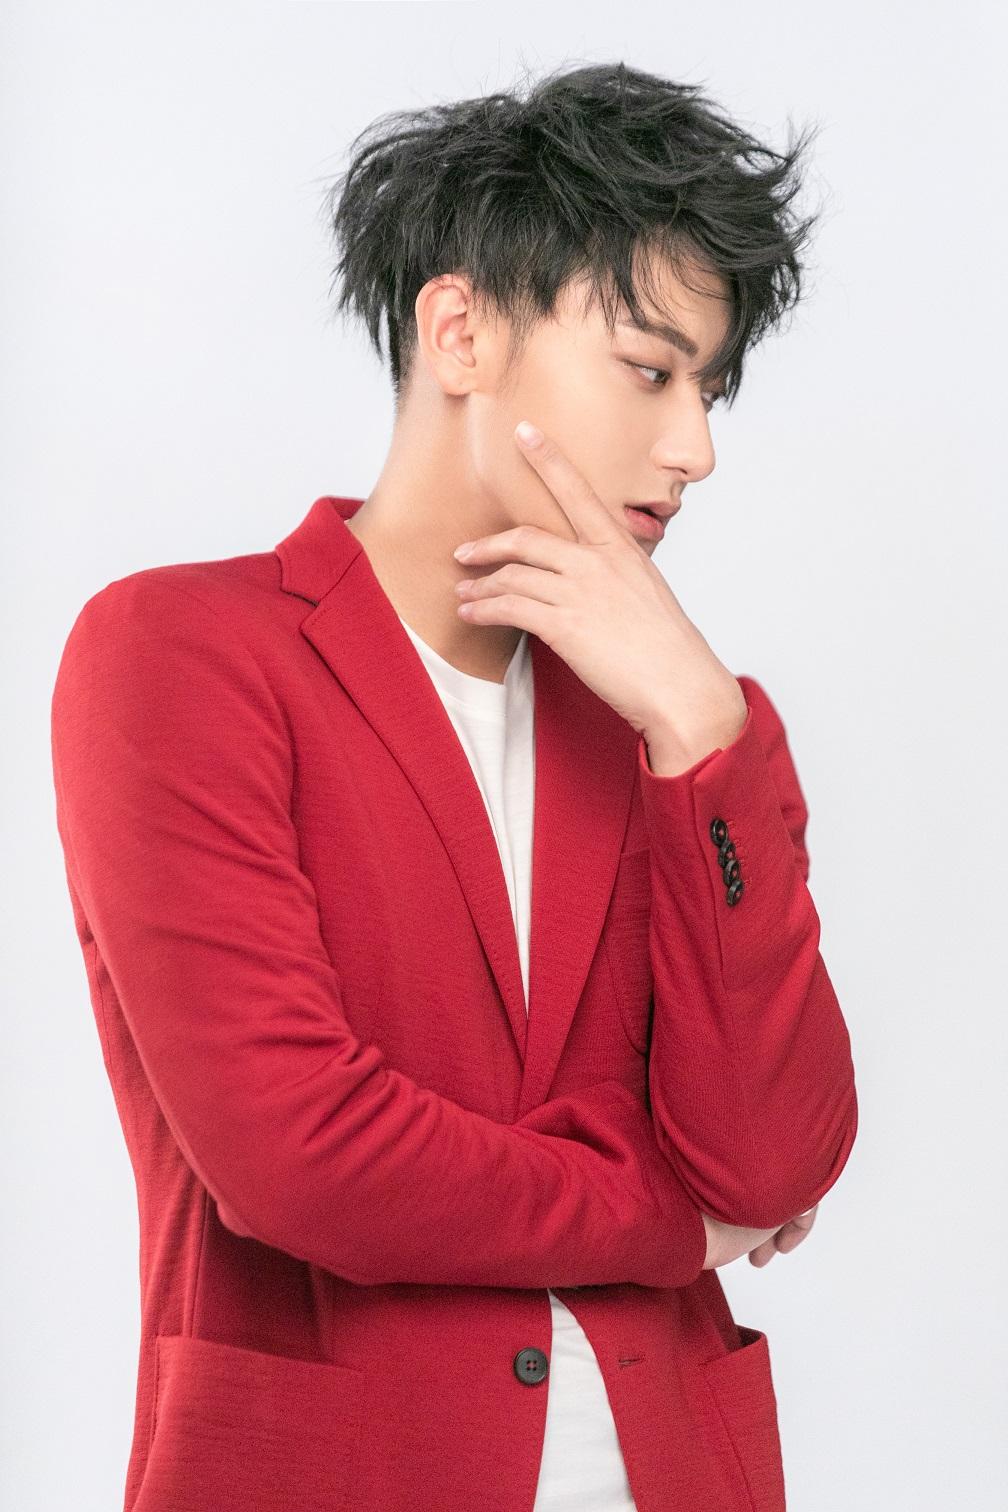 冬日里的一股暖流!黄子韬演绎红色西装造型